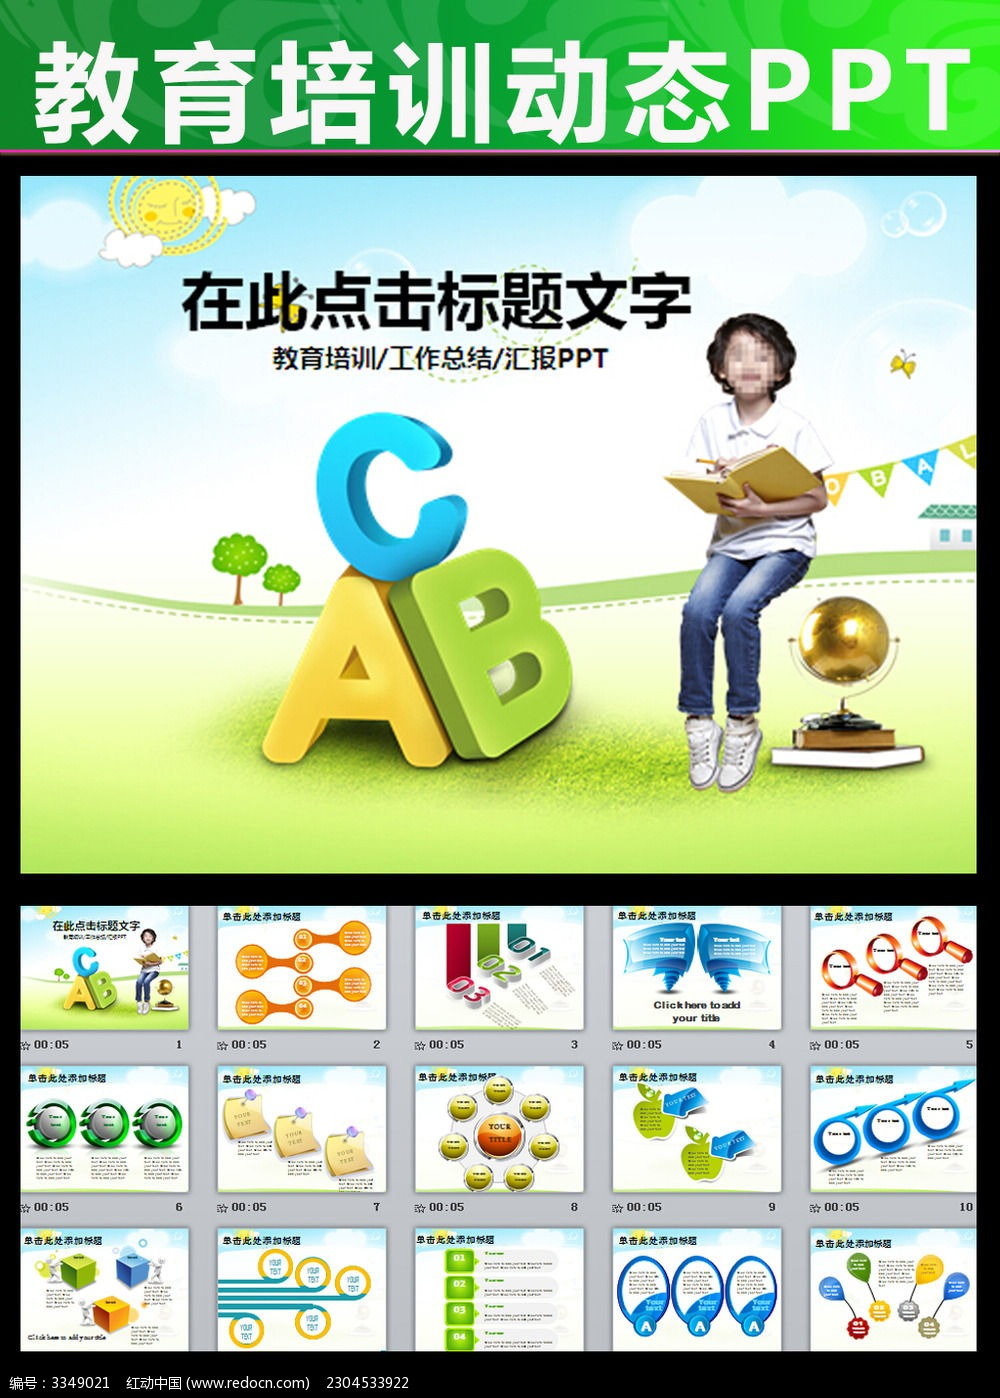 读书PPT模板 卡通 培训 教育 英语培训 教学 学校 幼儿园 儿童 课件